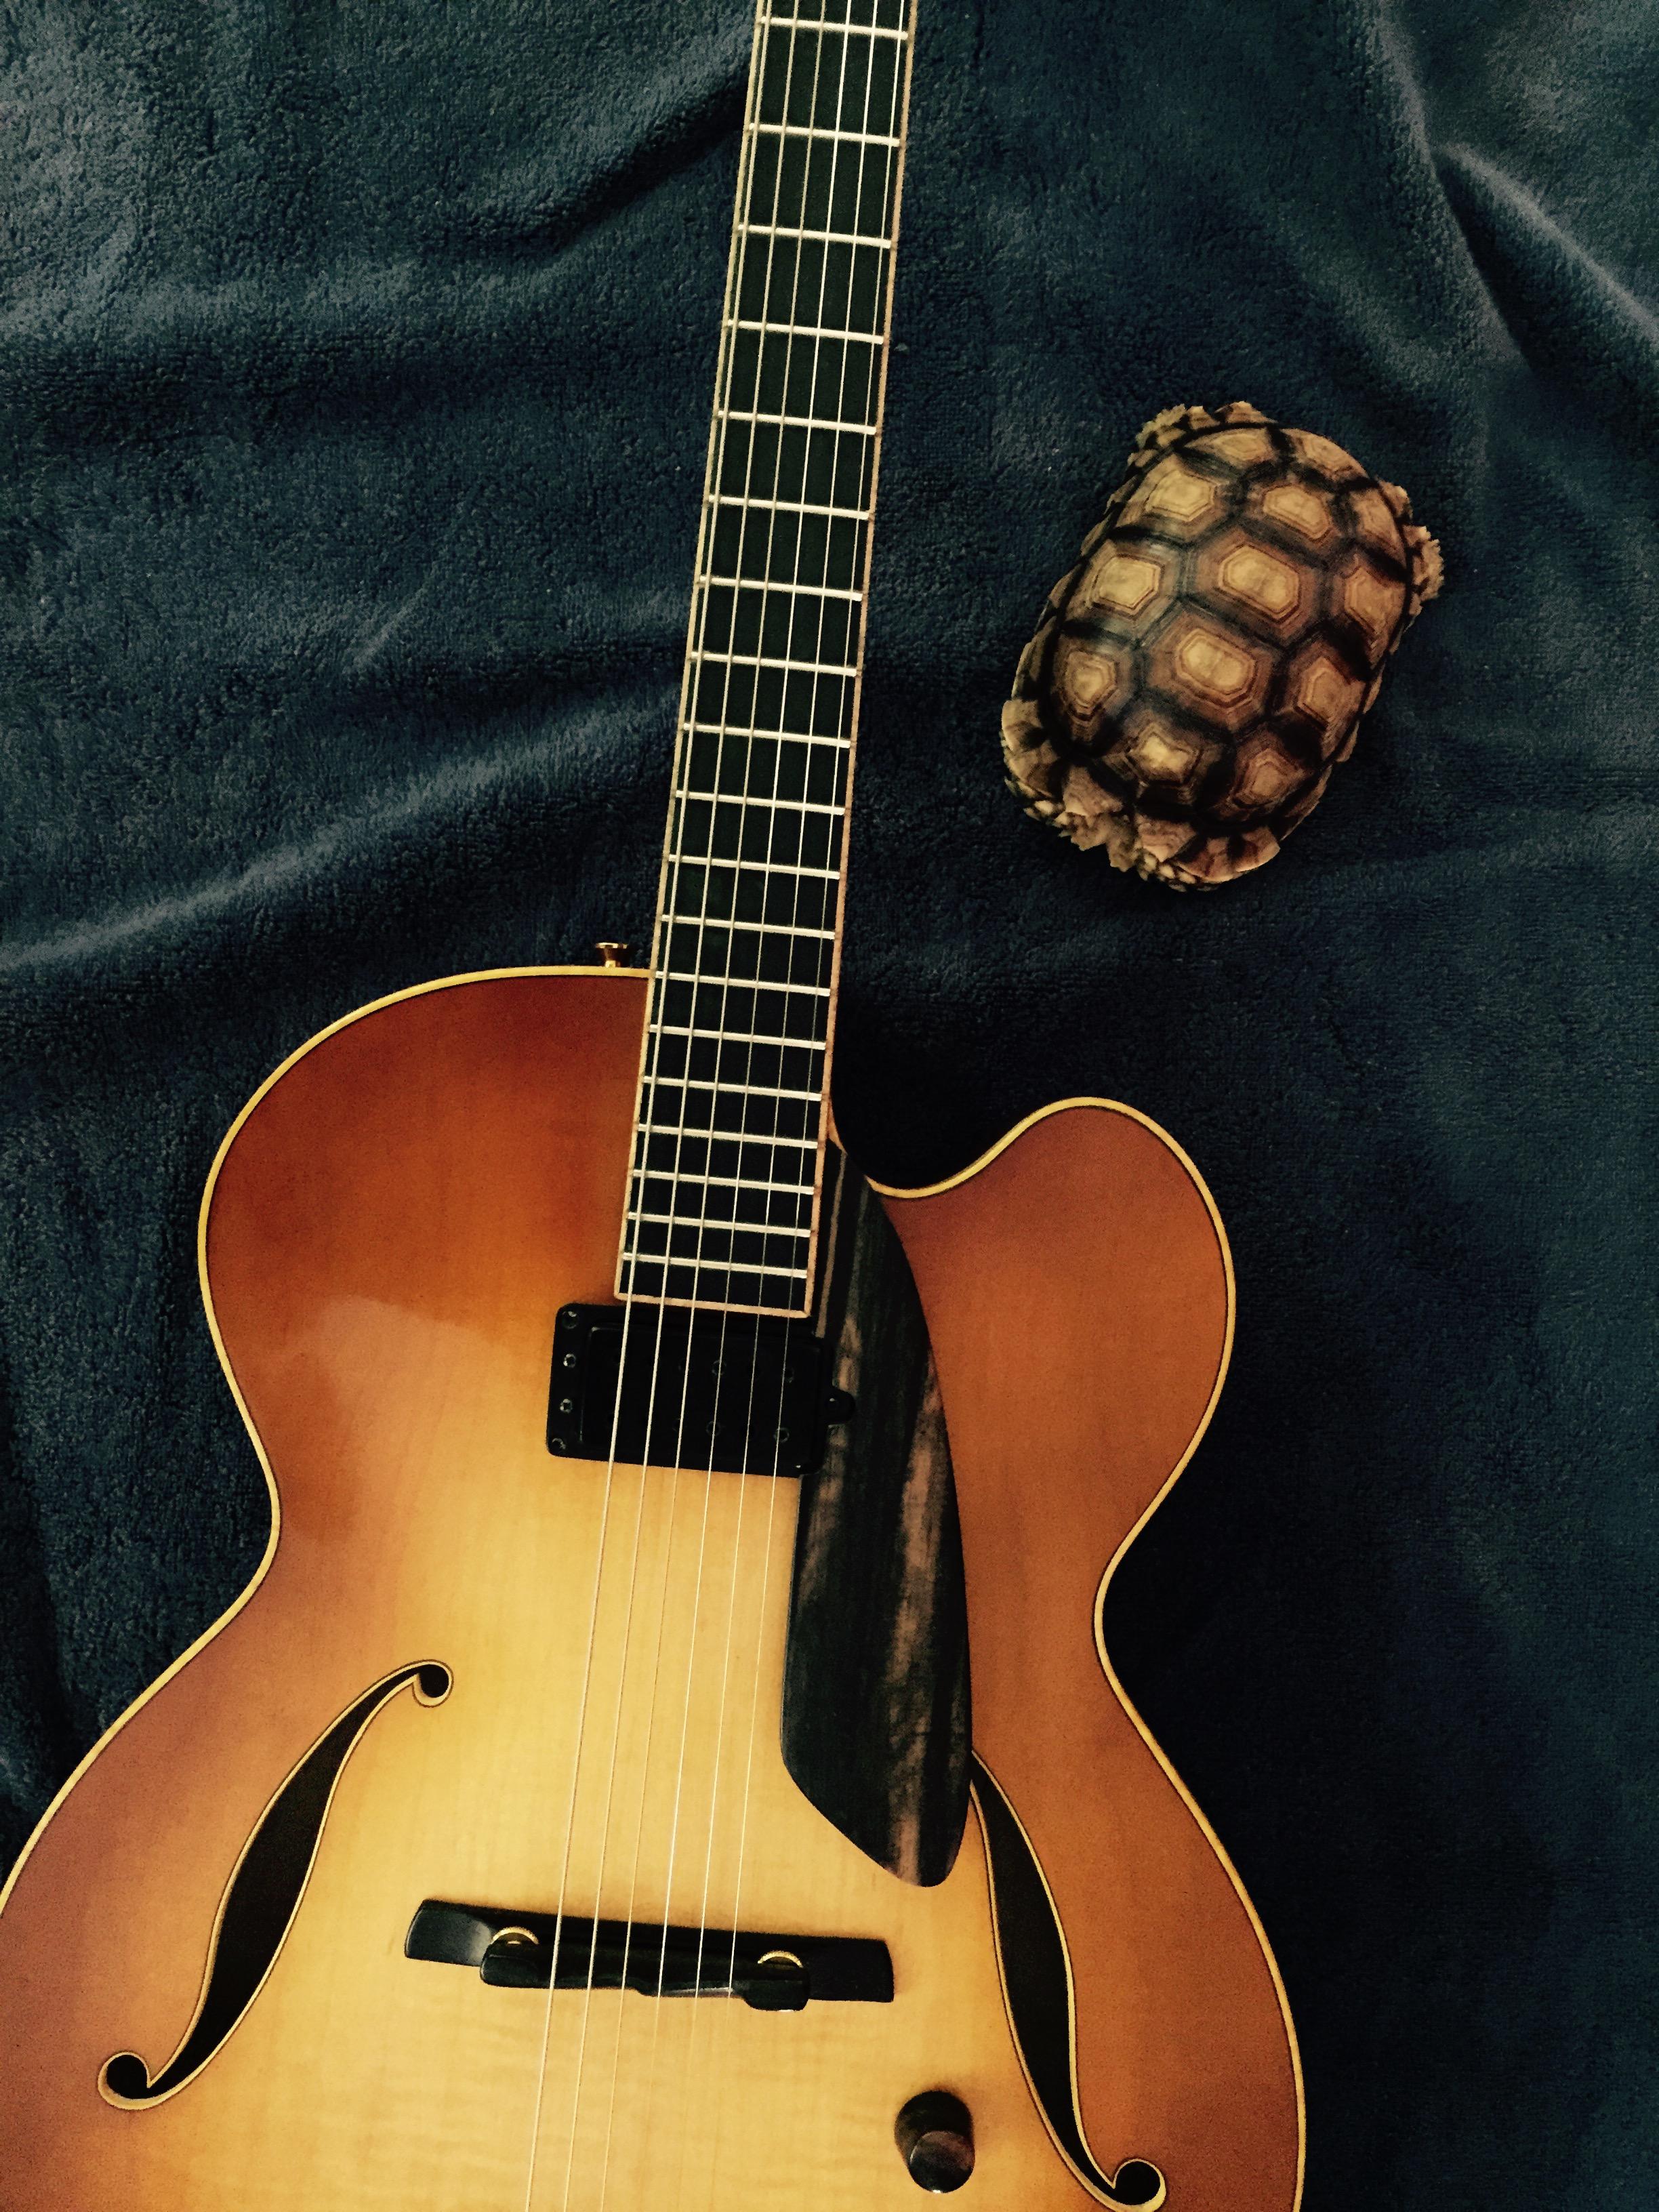 borys_guitars_IMG_1387.JPG